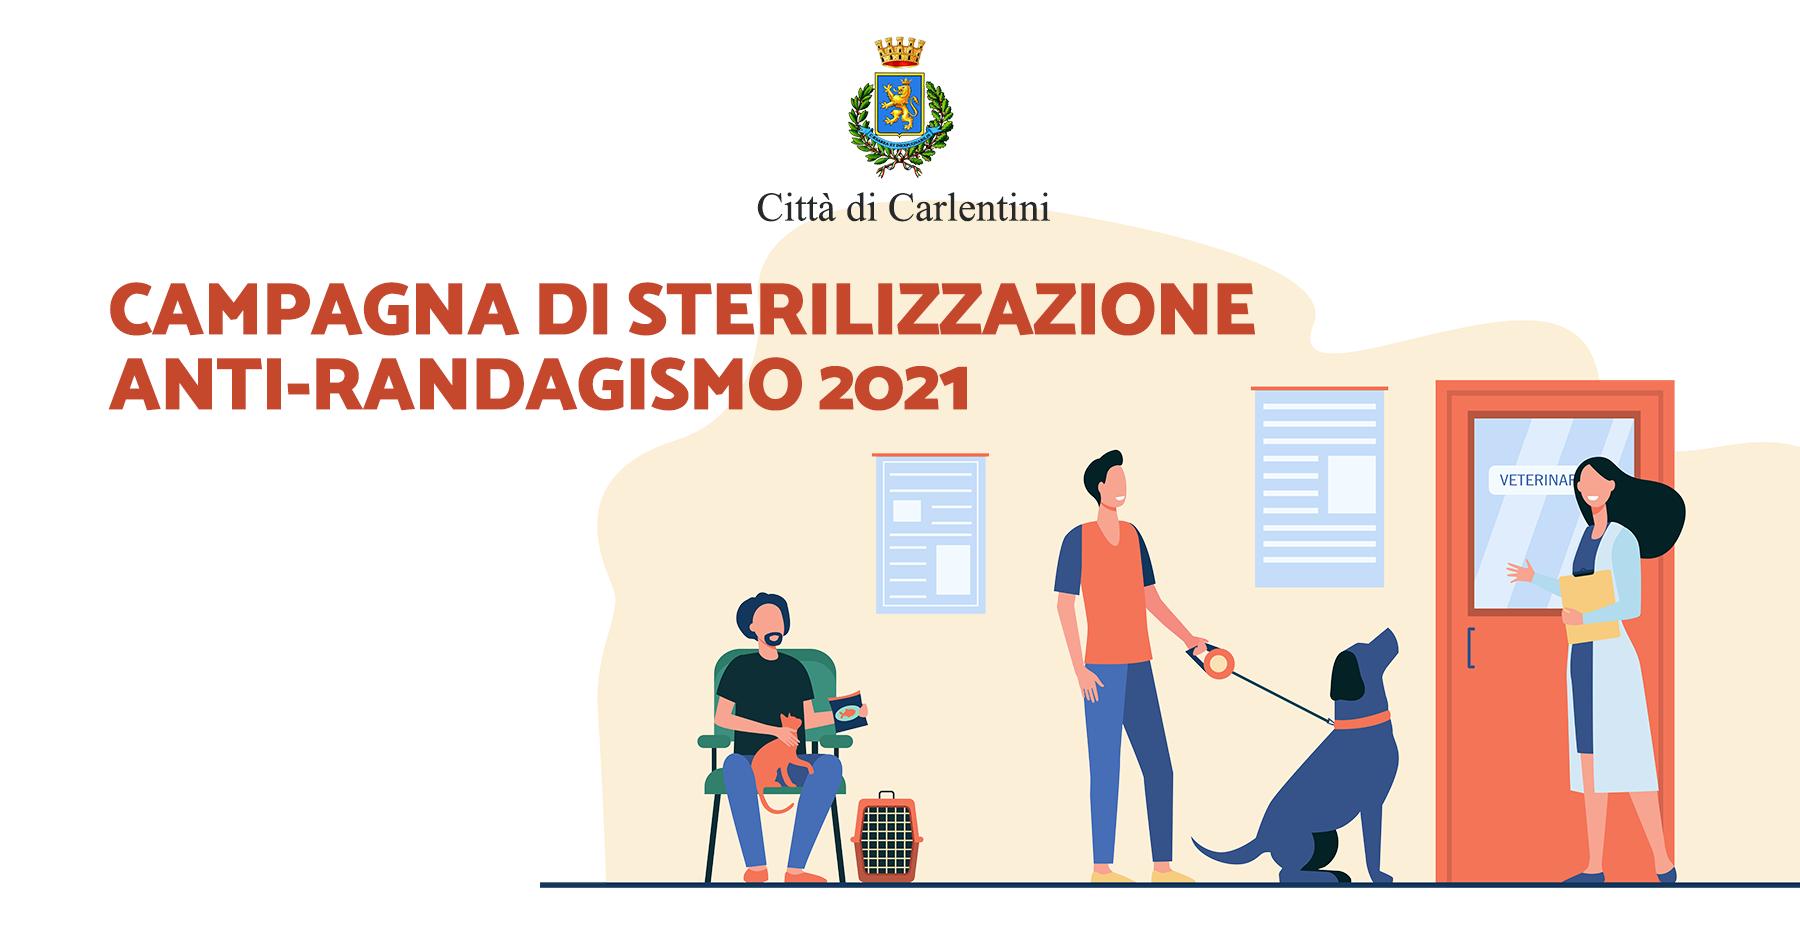 Campagna sterilizzazione anti-randagismo 2021